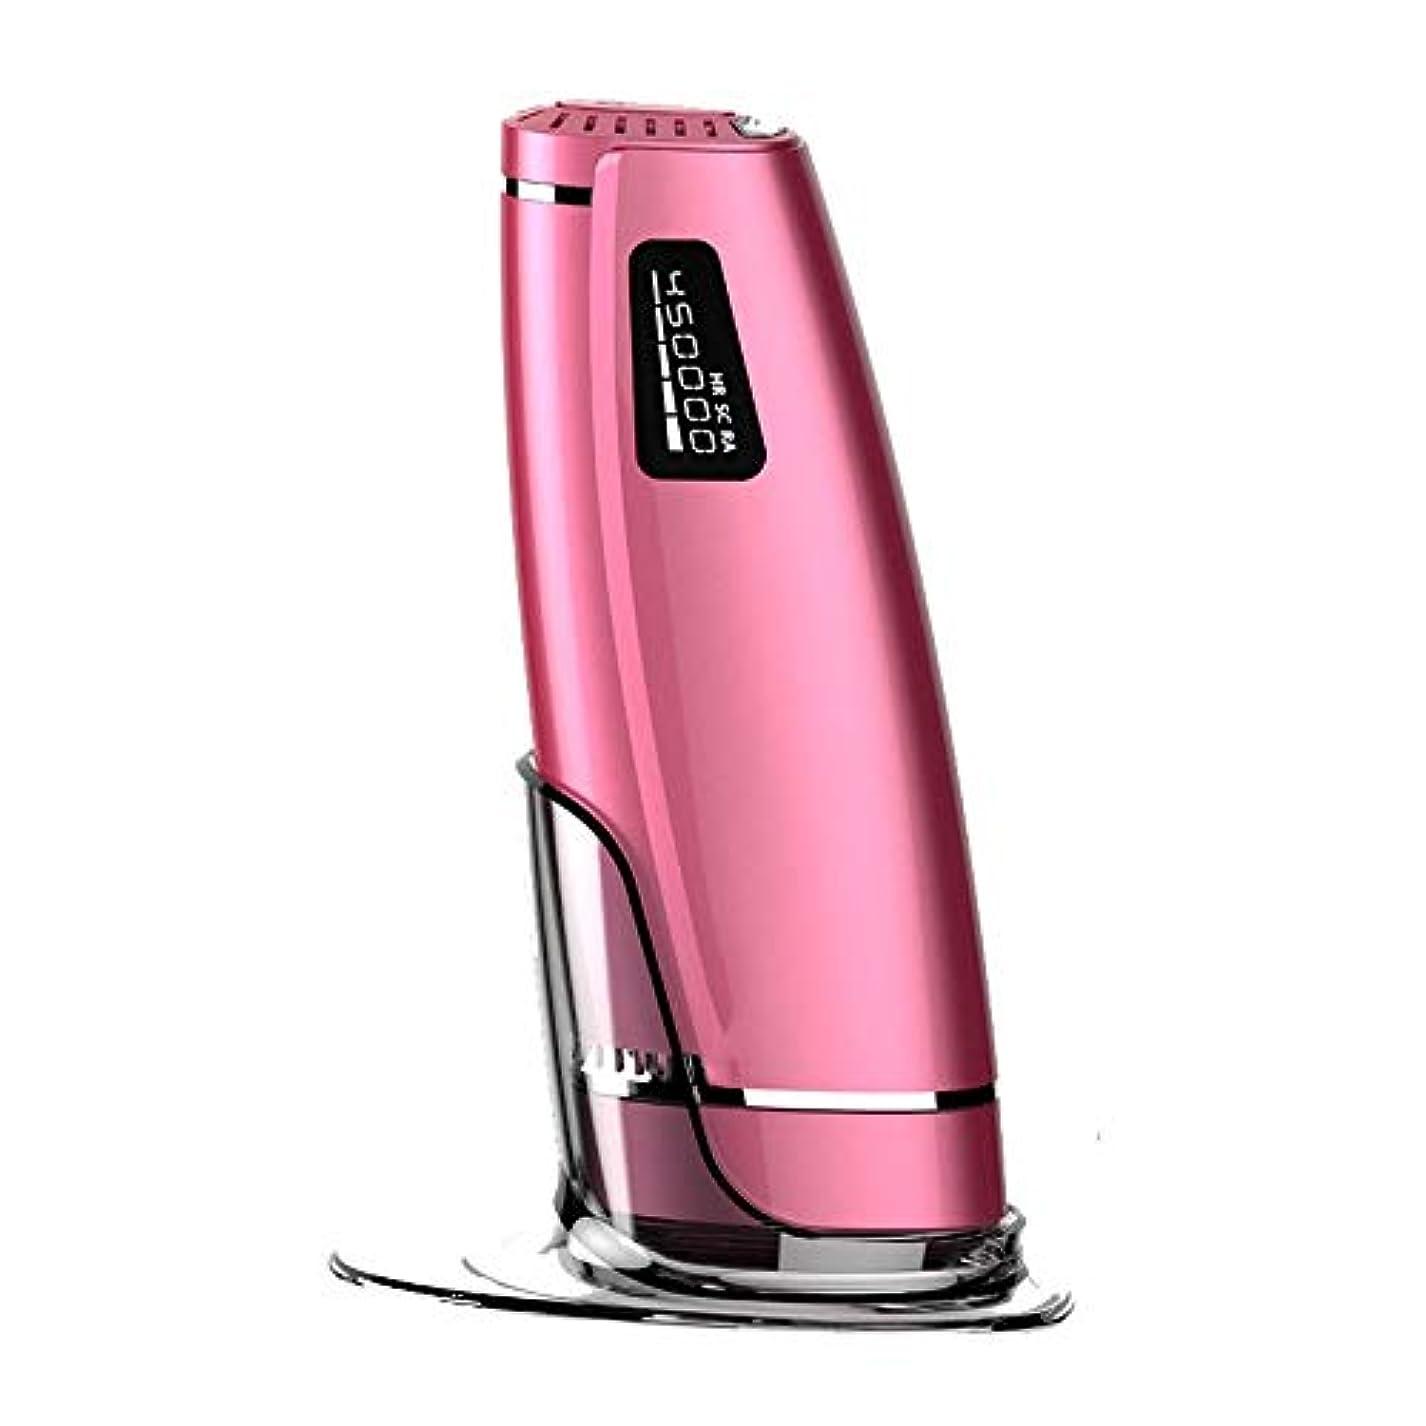 信頼できる信頼できるビーチ携帯用永久的な毛の除去剤、ピンク、デュアルモード、自動痛みのない毛の除去剤、5スピード調整、サイズ20.5 X 4.5 X 7 Cm 髪以外はきれい (Color : Pink)